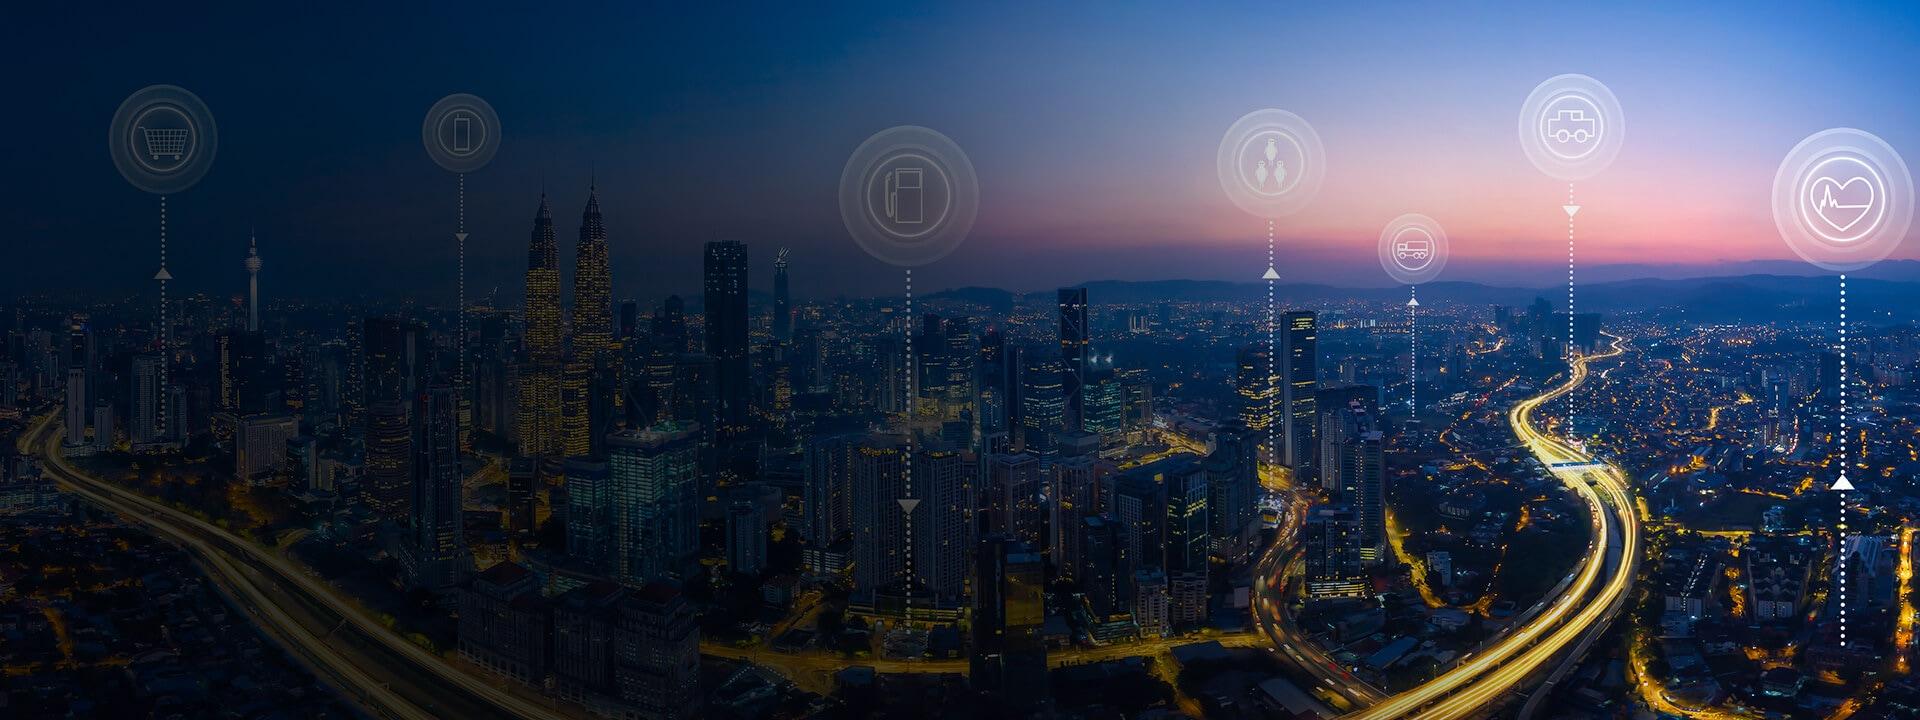 La inteligencia viene a potenciar la revolución de datos en la era 5G